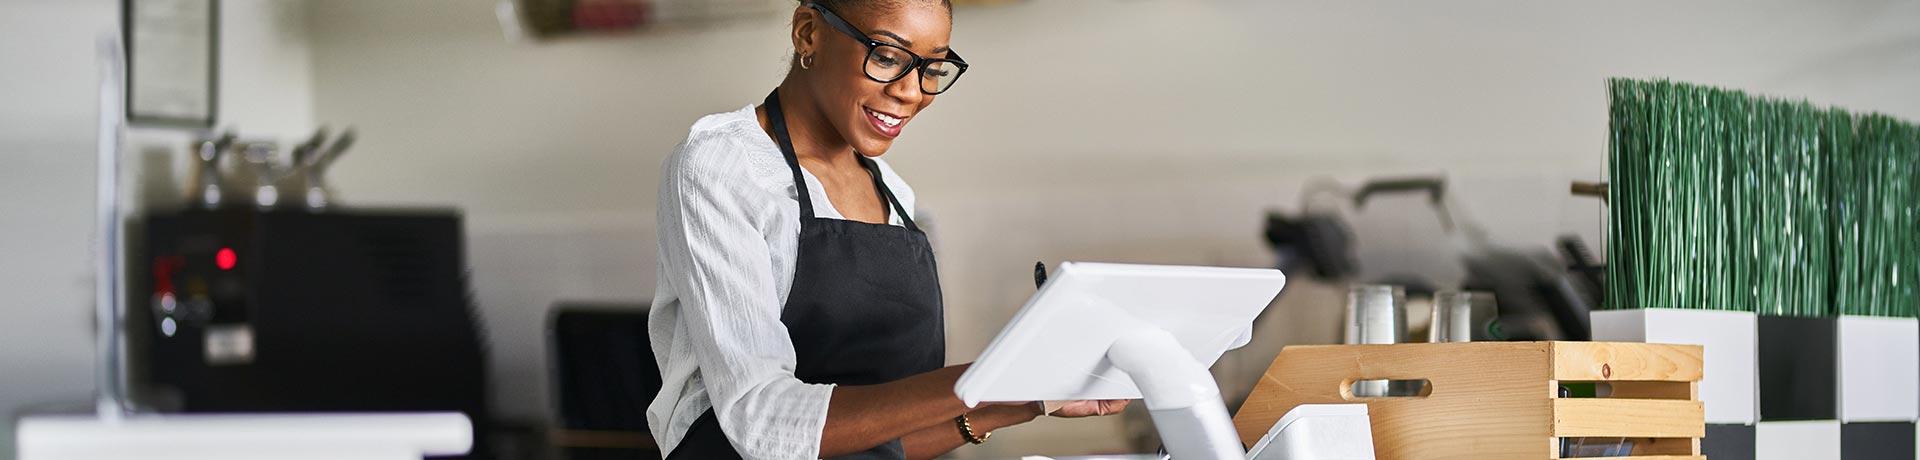 Une femme derrière un comptoir